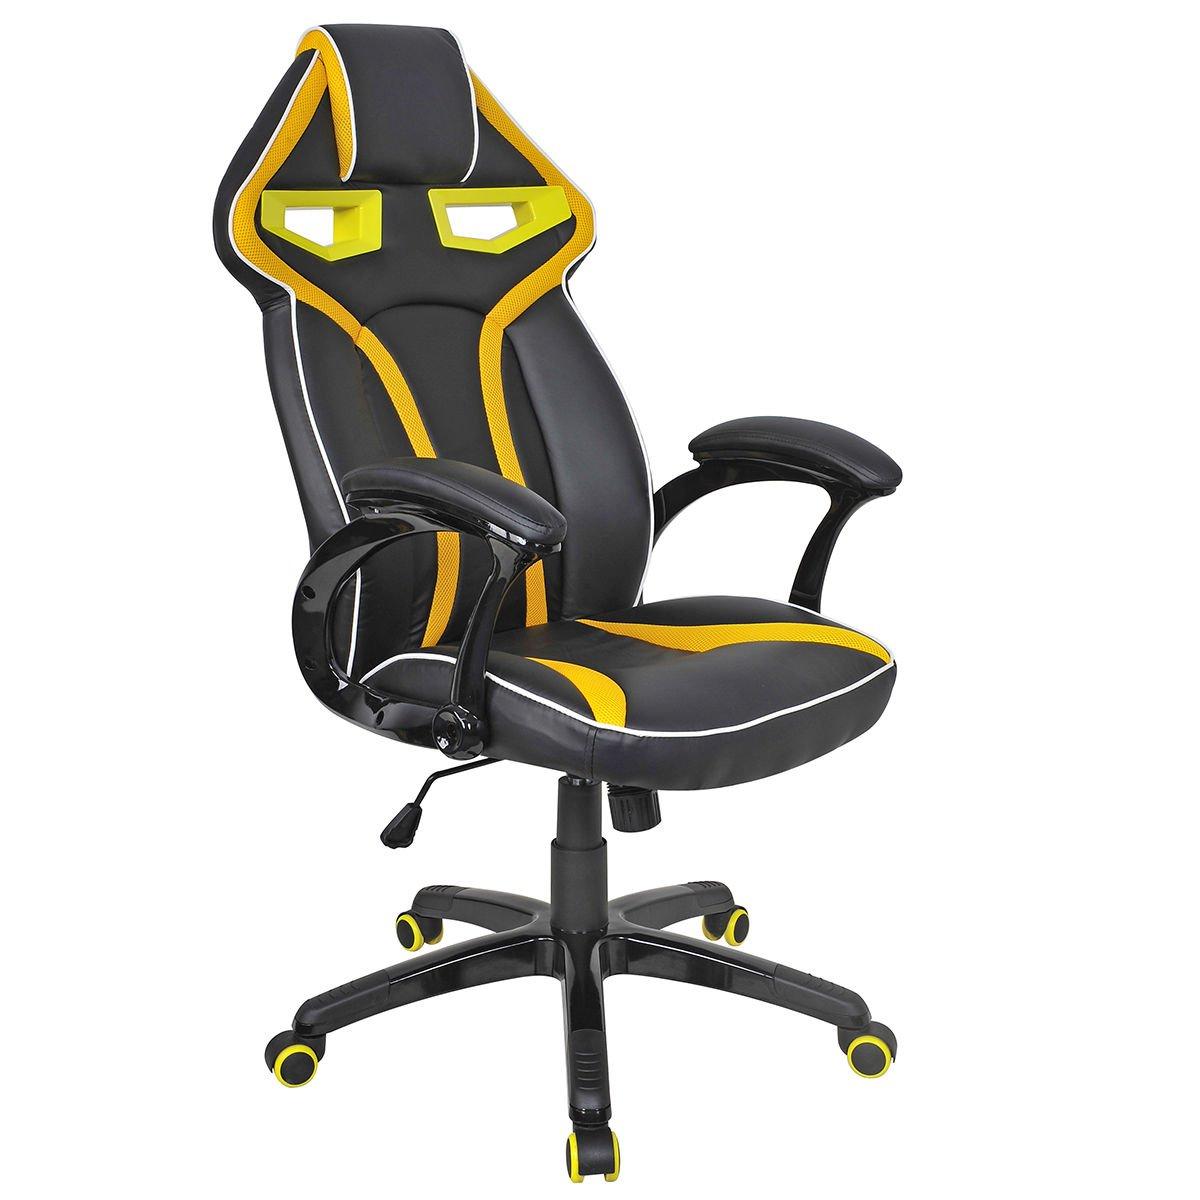 officelax Racing椅子ゲームチェアハイバック回転PUレザー人間工学オフィスチェア、バケットシート イエロー B076VGQJQQイエロー